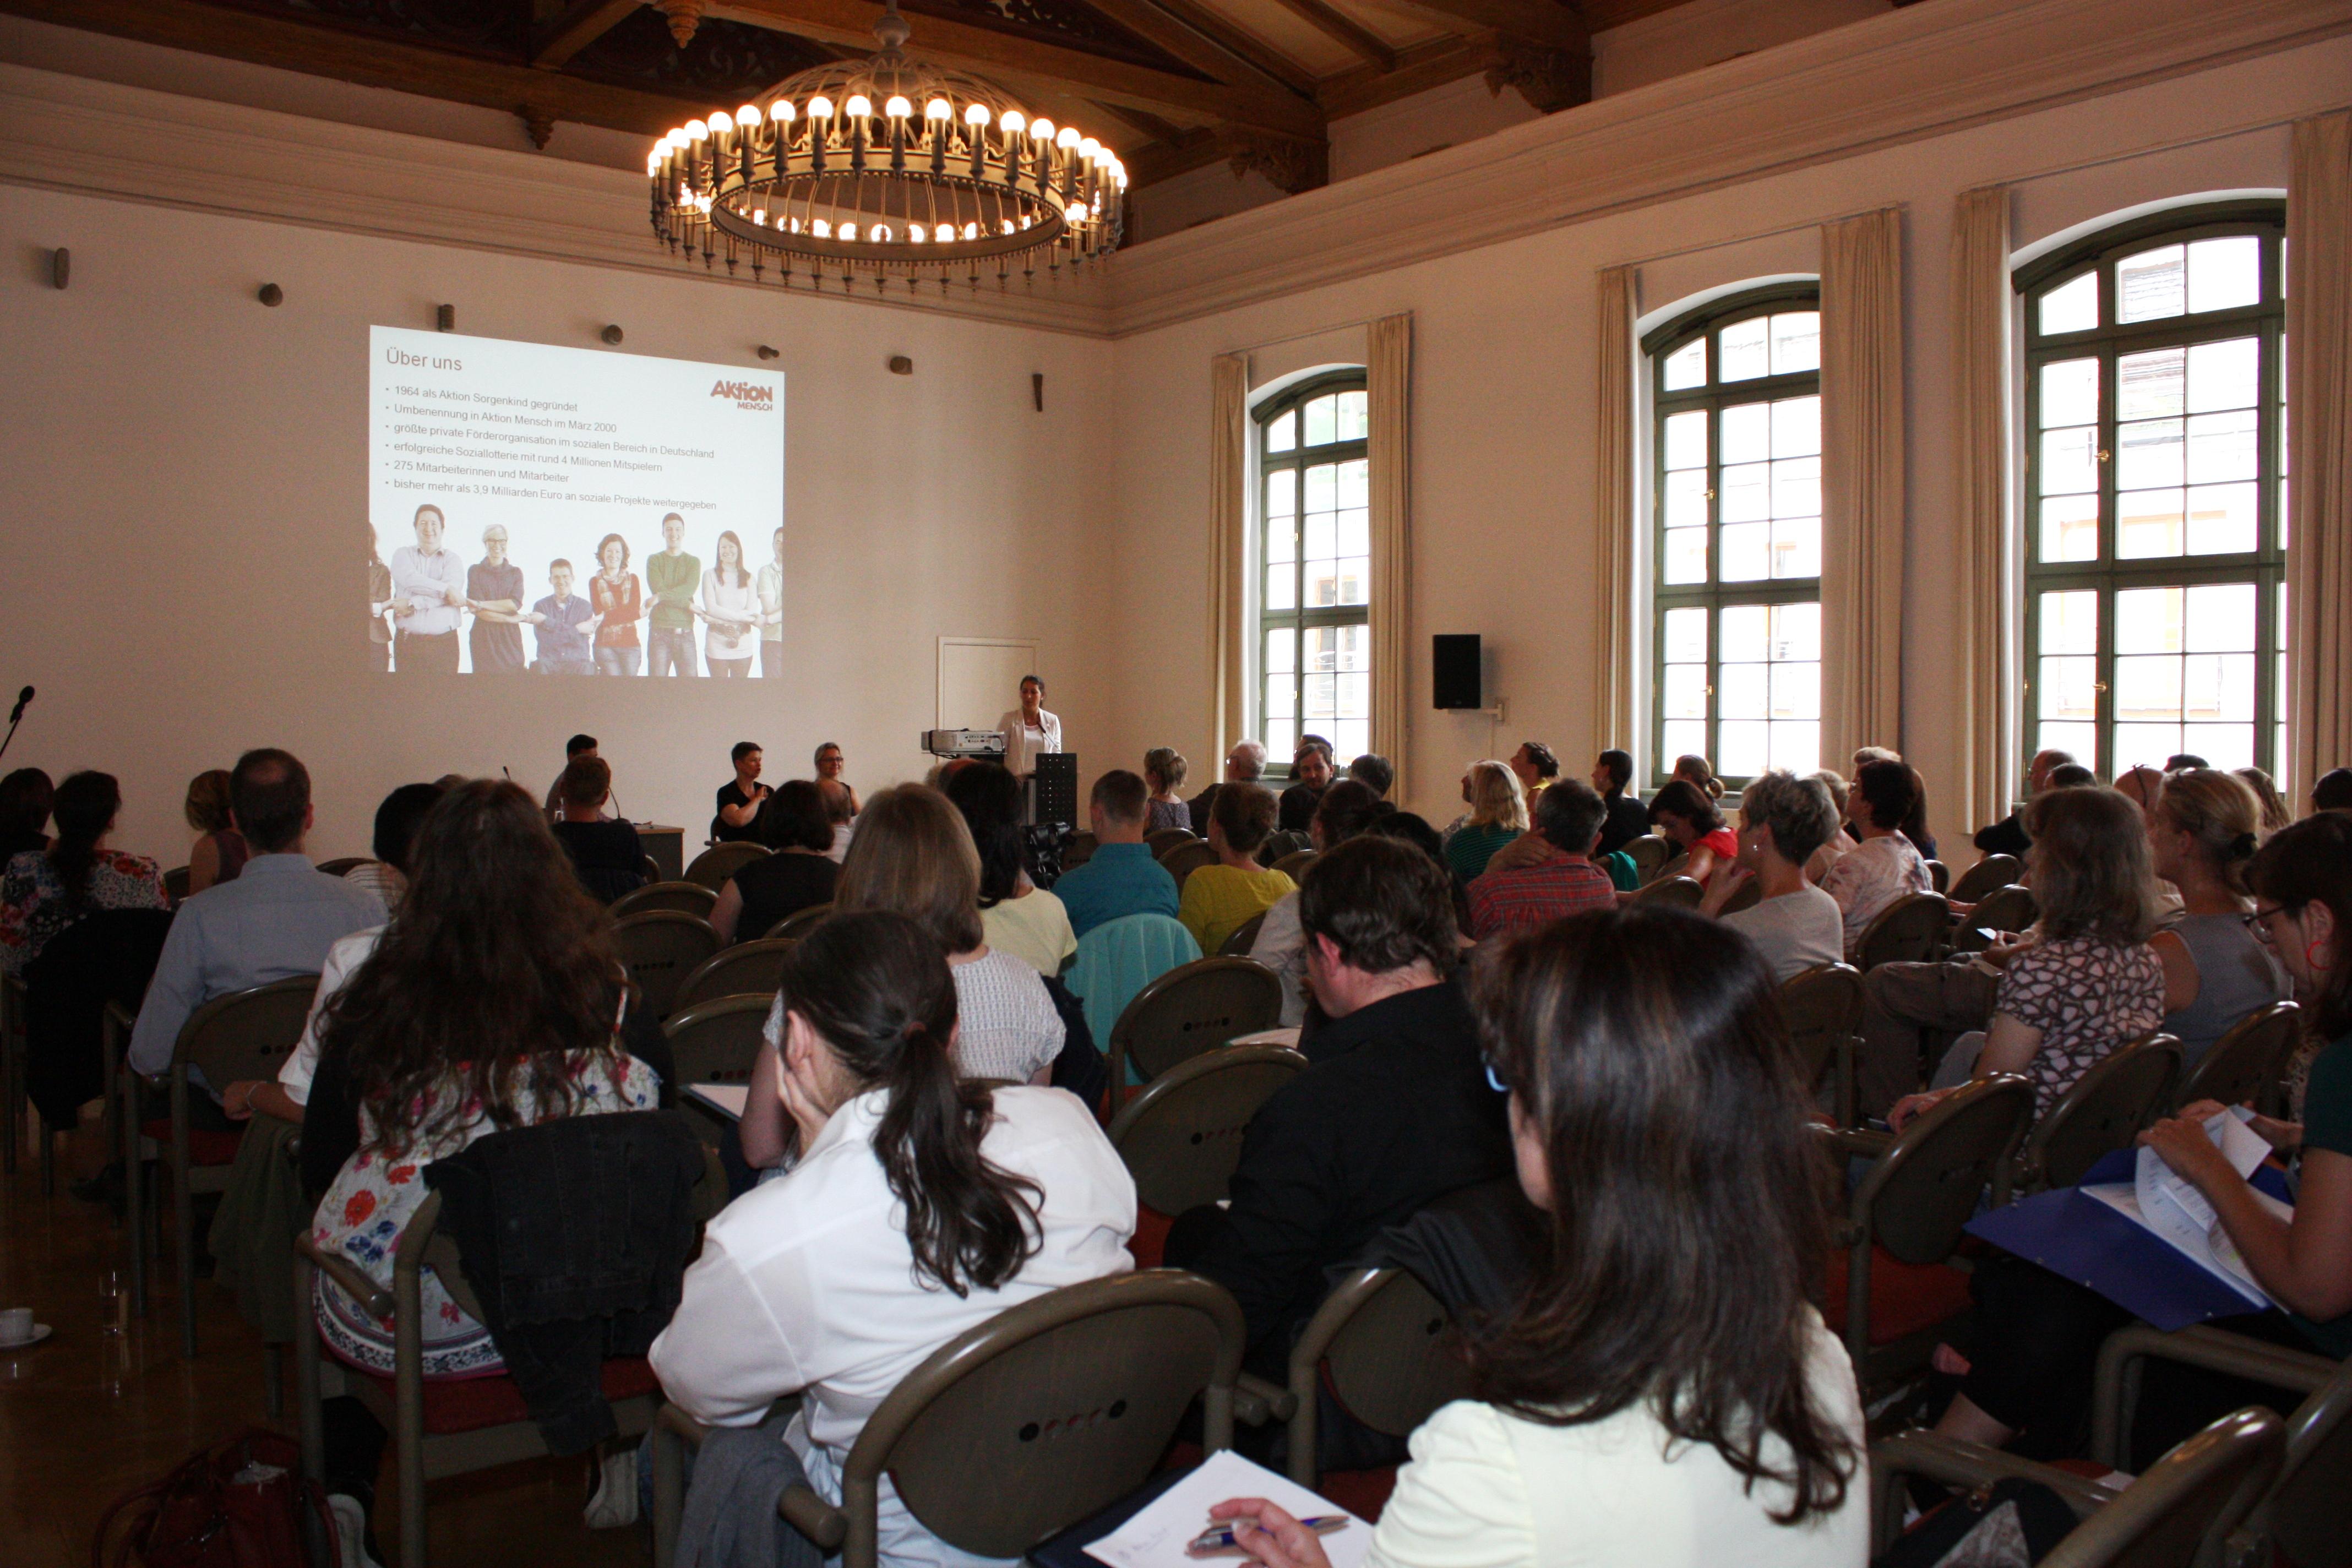 Zu sehen sind die Teilnehmenden von hinten. Vorn steht die Referentin und präsentiert die Programme der Aktion Mensch.